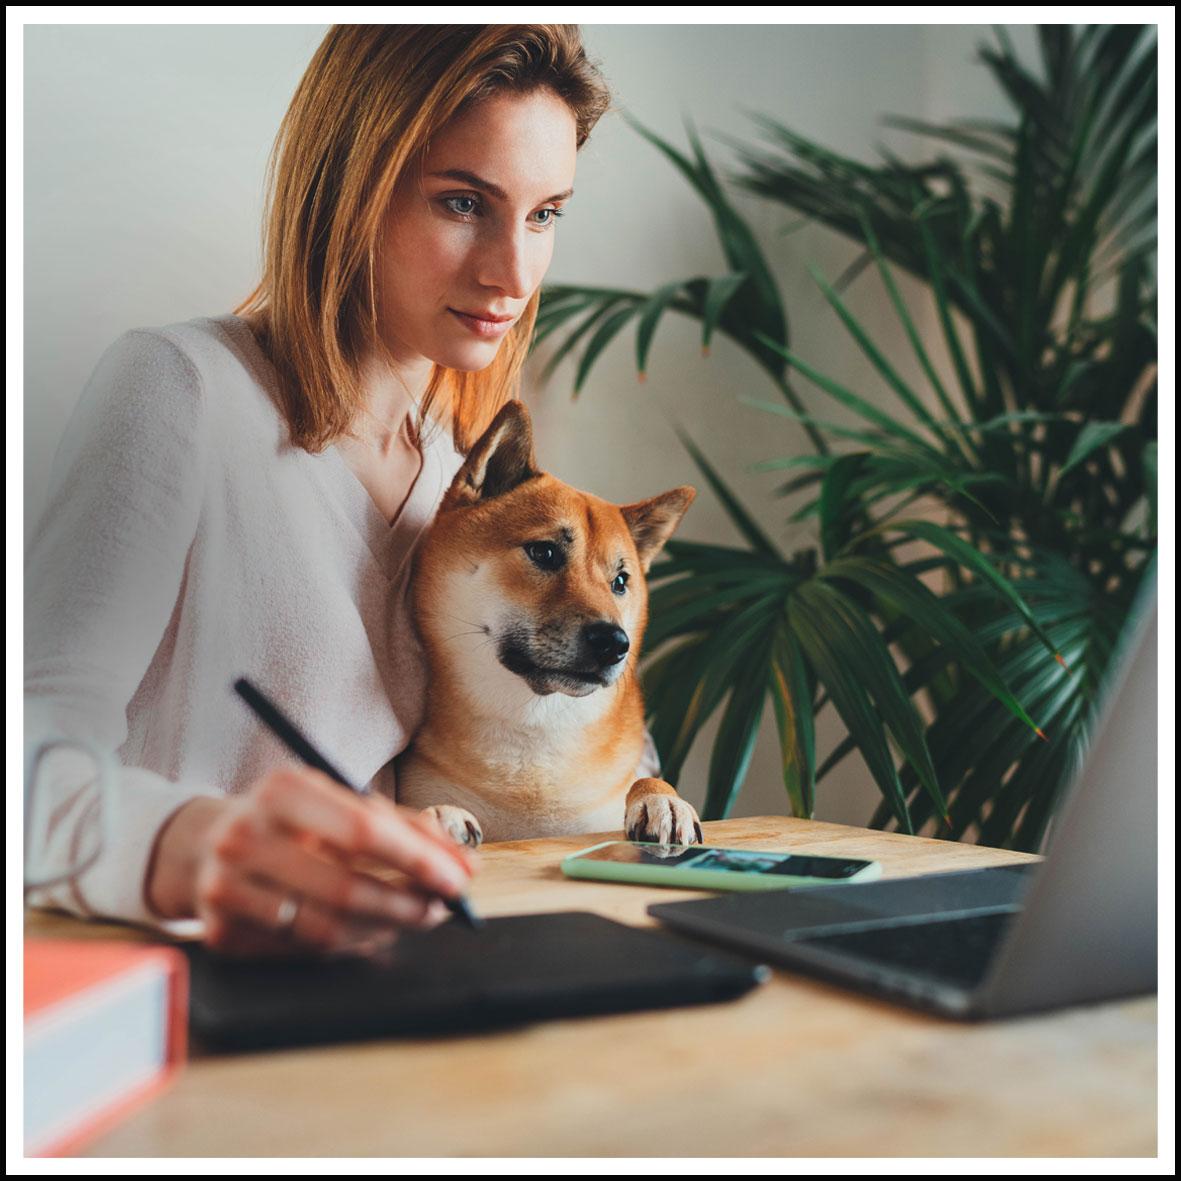 Eine Frau sitzt mit einem Hund an einem Tisch. Vor ihr steht ein aufgeklappter Laptop.